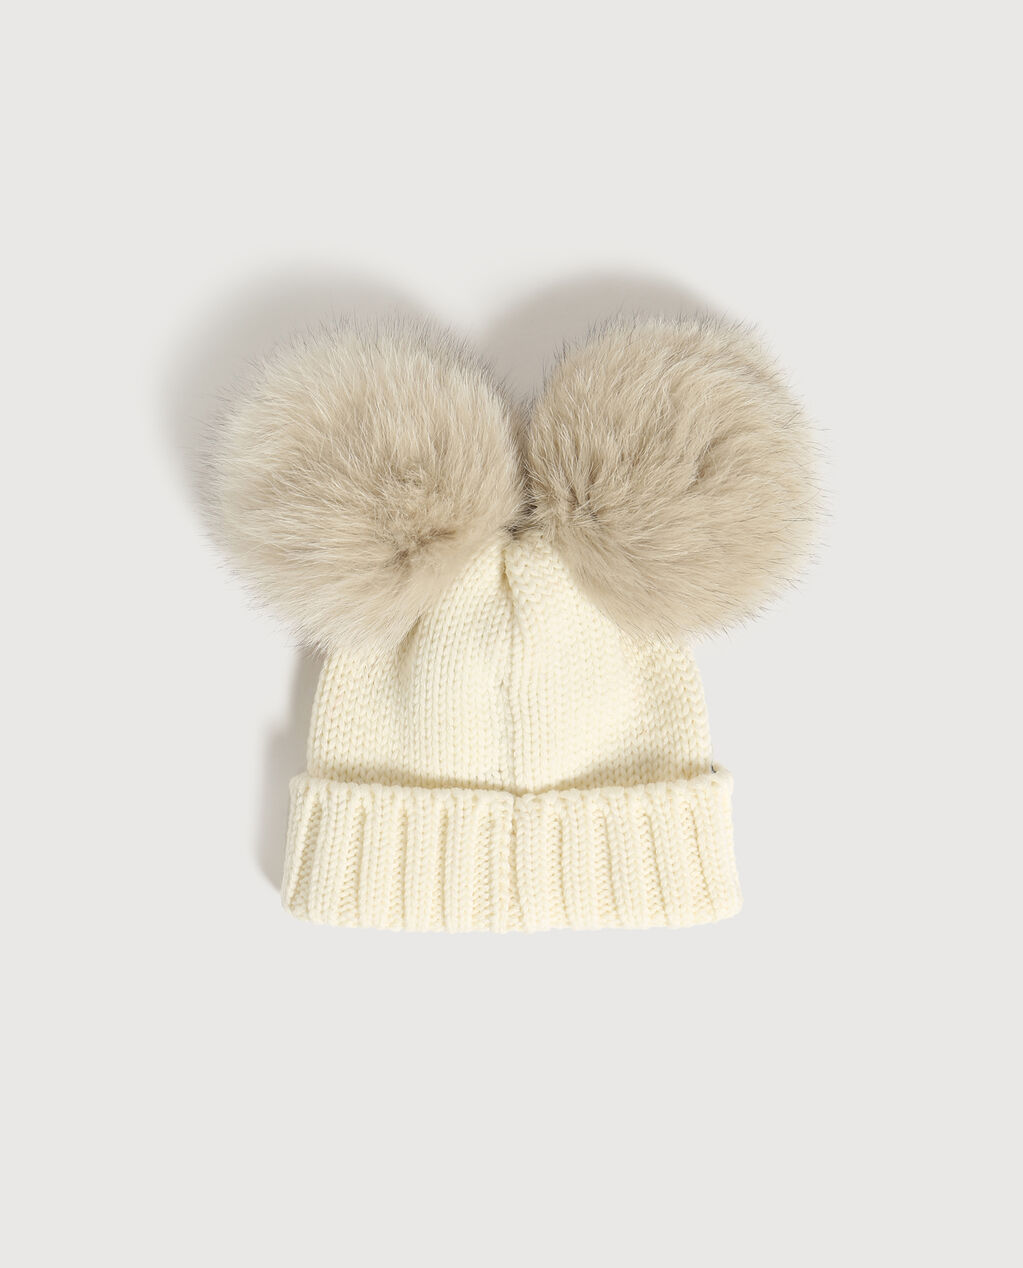 080da7462df WOOLRICH ACCESSORI - ACCESSORIES G S Serenity Doubl Pon Pon Hat ...